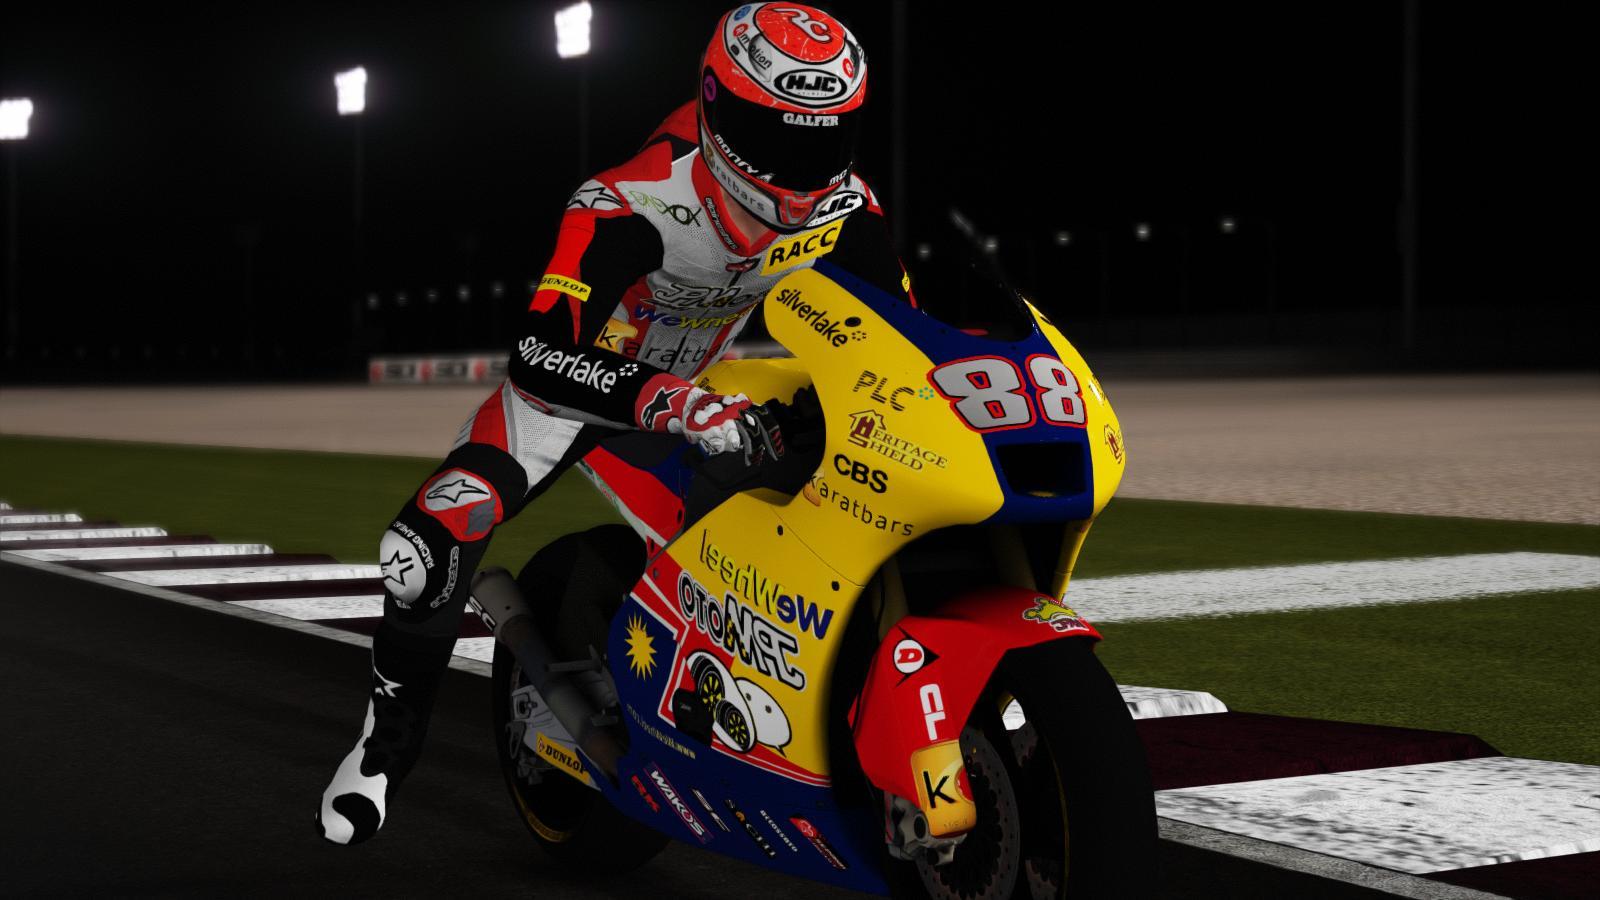 MotoGP15X64 2016-03-08 14-16-14-11.jpg